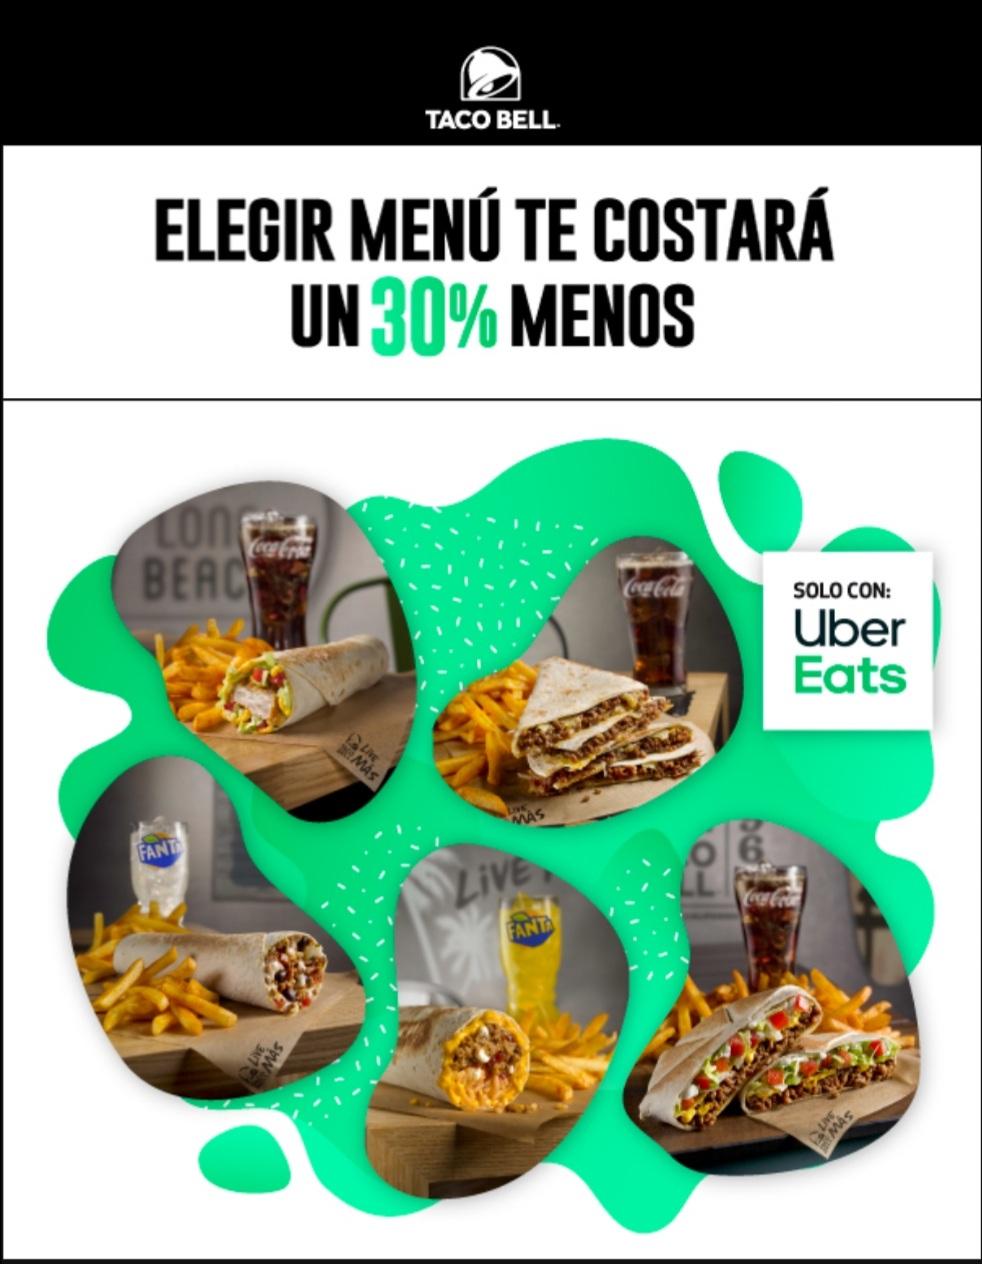 30% de descuento en menús de Taco Bell pidiendo en Uber Eats